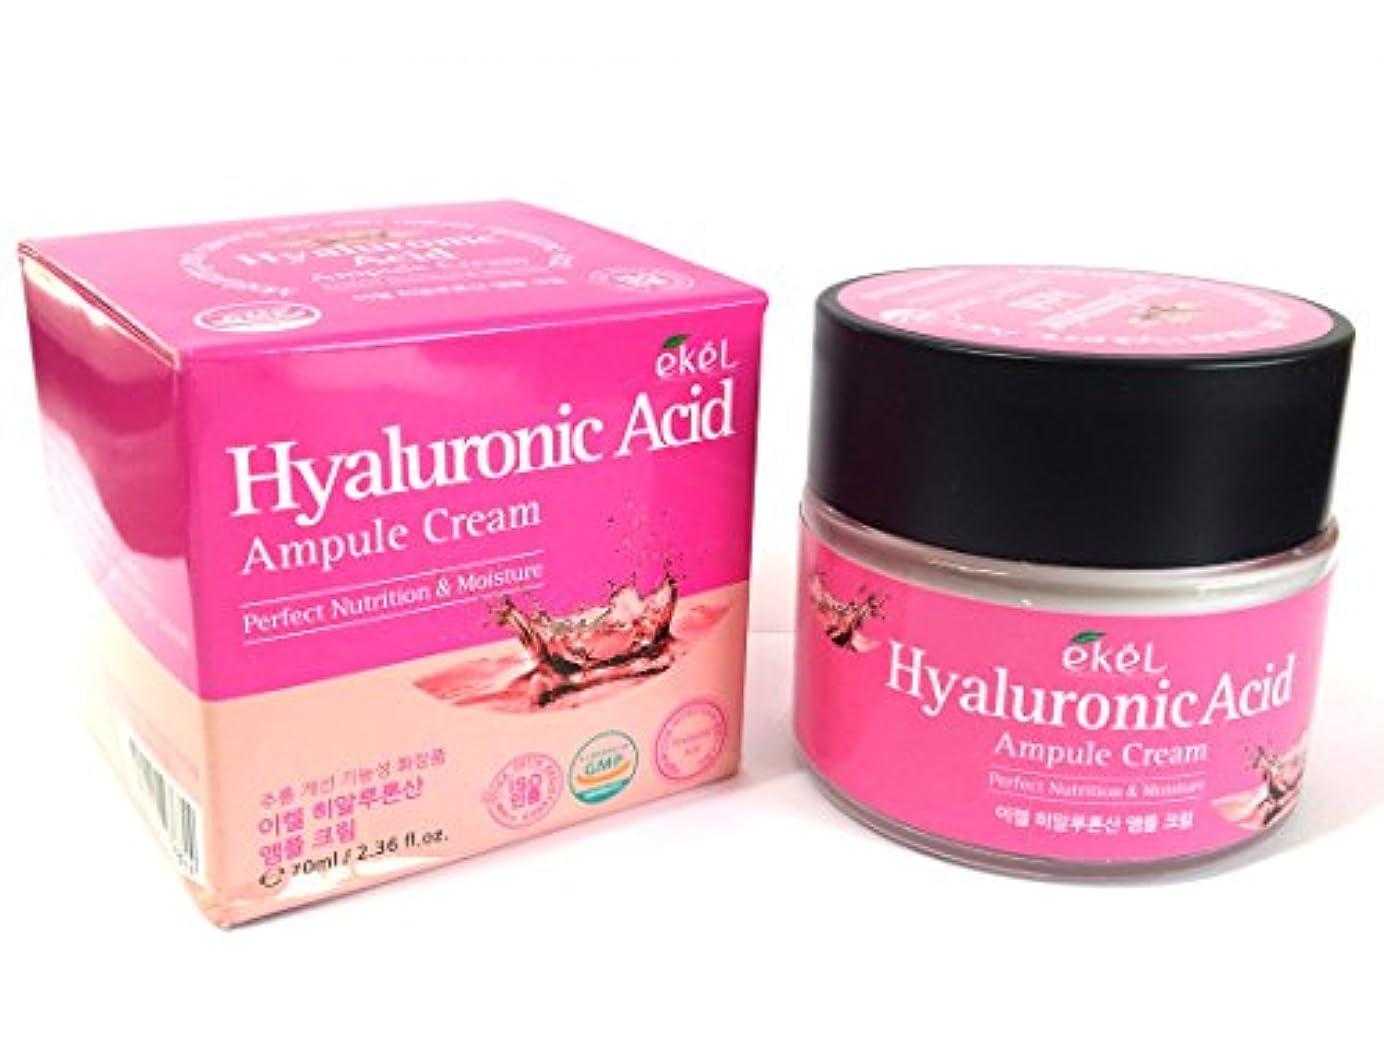 添付崇拝します洞察力[EKEL] ヒアルロン酸アンプルクリーム70ml / 完璧な栄養と水分 / 韓国化粧品/ Hyaluronic Acid Ampule Cream 70ml / Perfect Nutrition & Moisture...